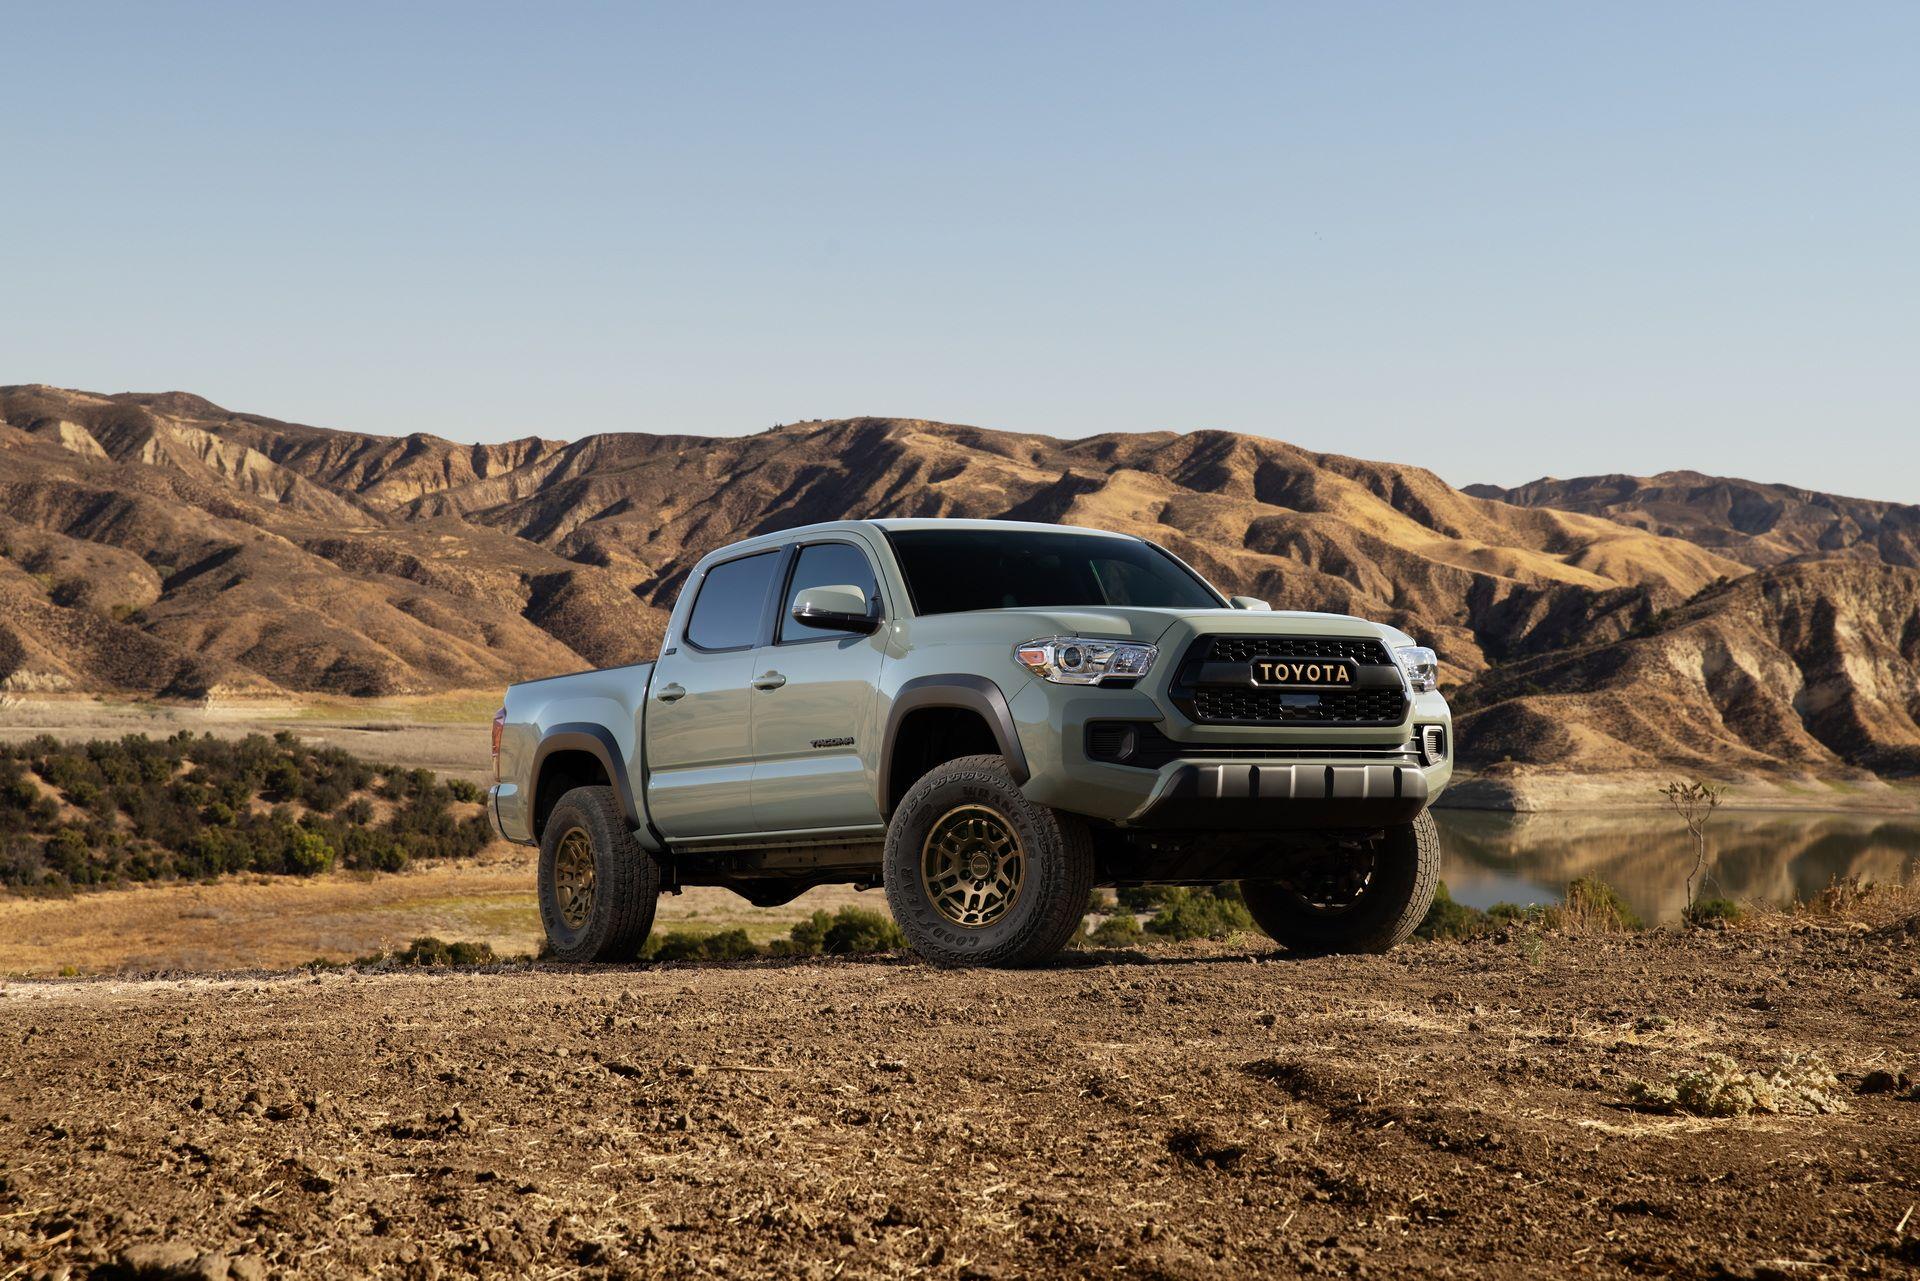 Toyota-Tacoma-TRD-Pro-and-Tacoma-Trail-Edition-4